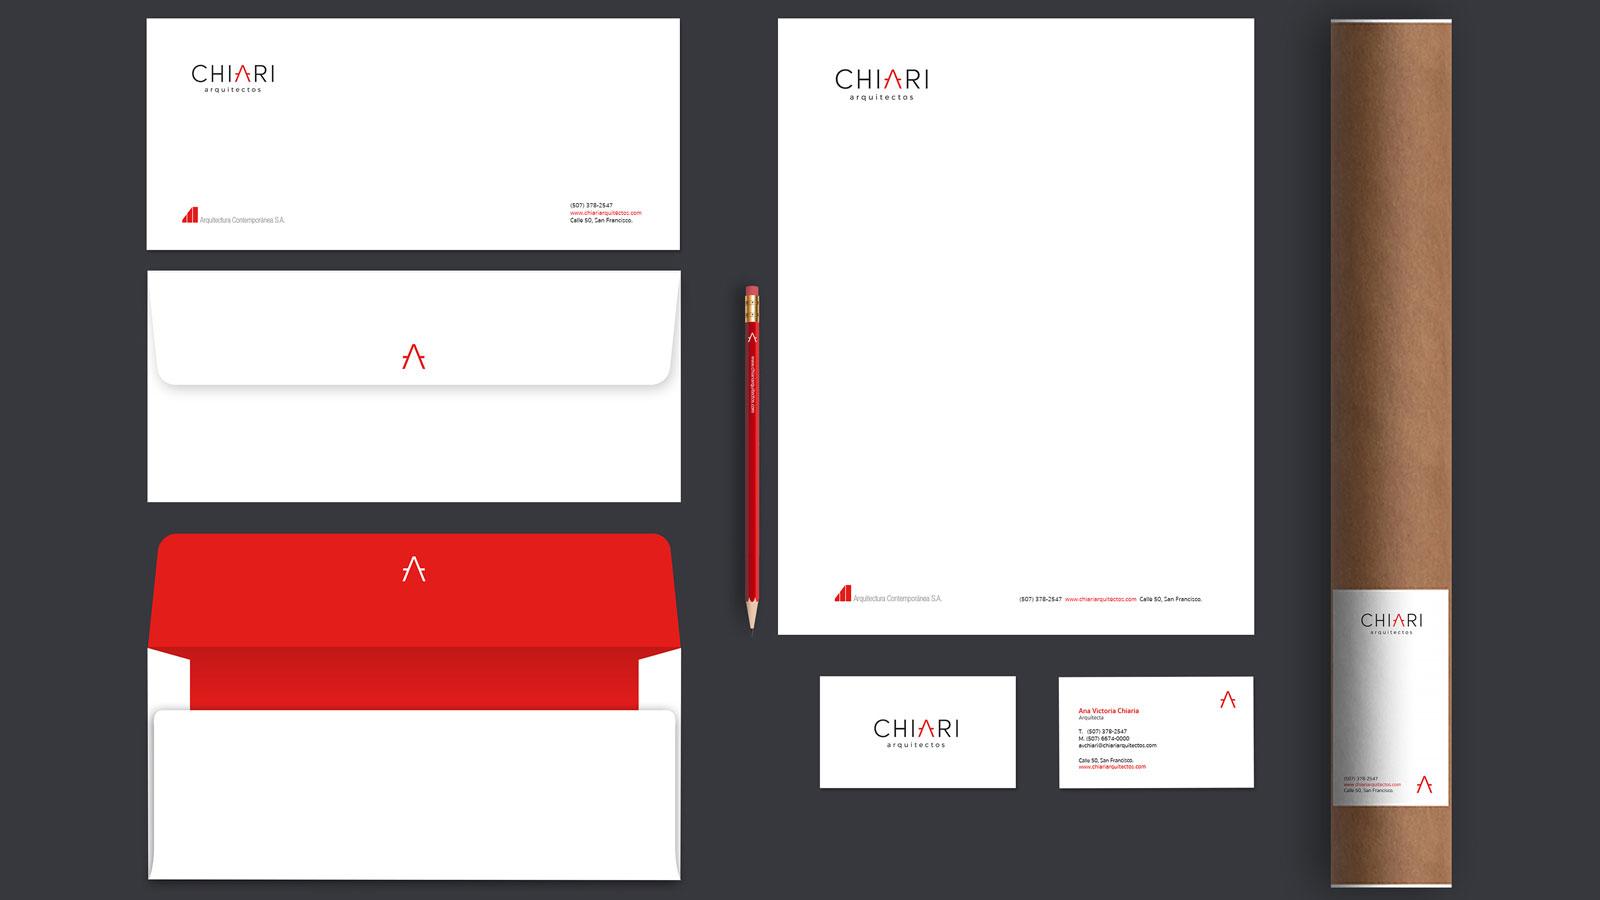 Chiari-Arquitectos-04